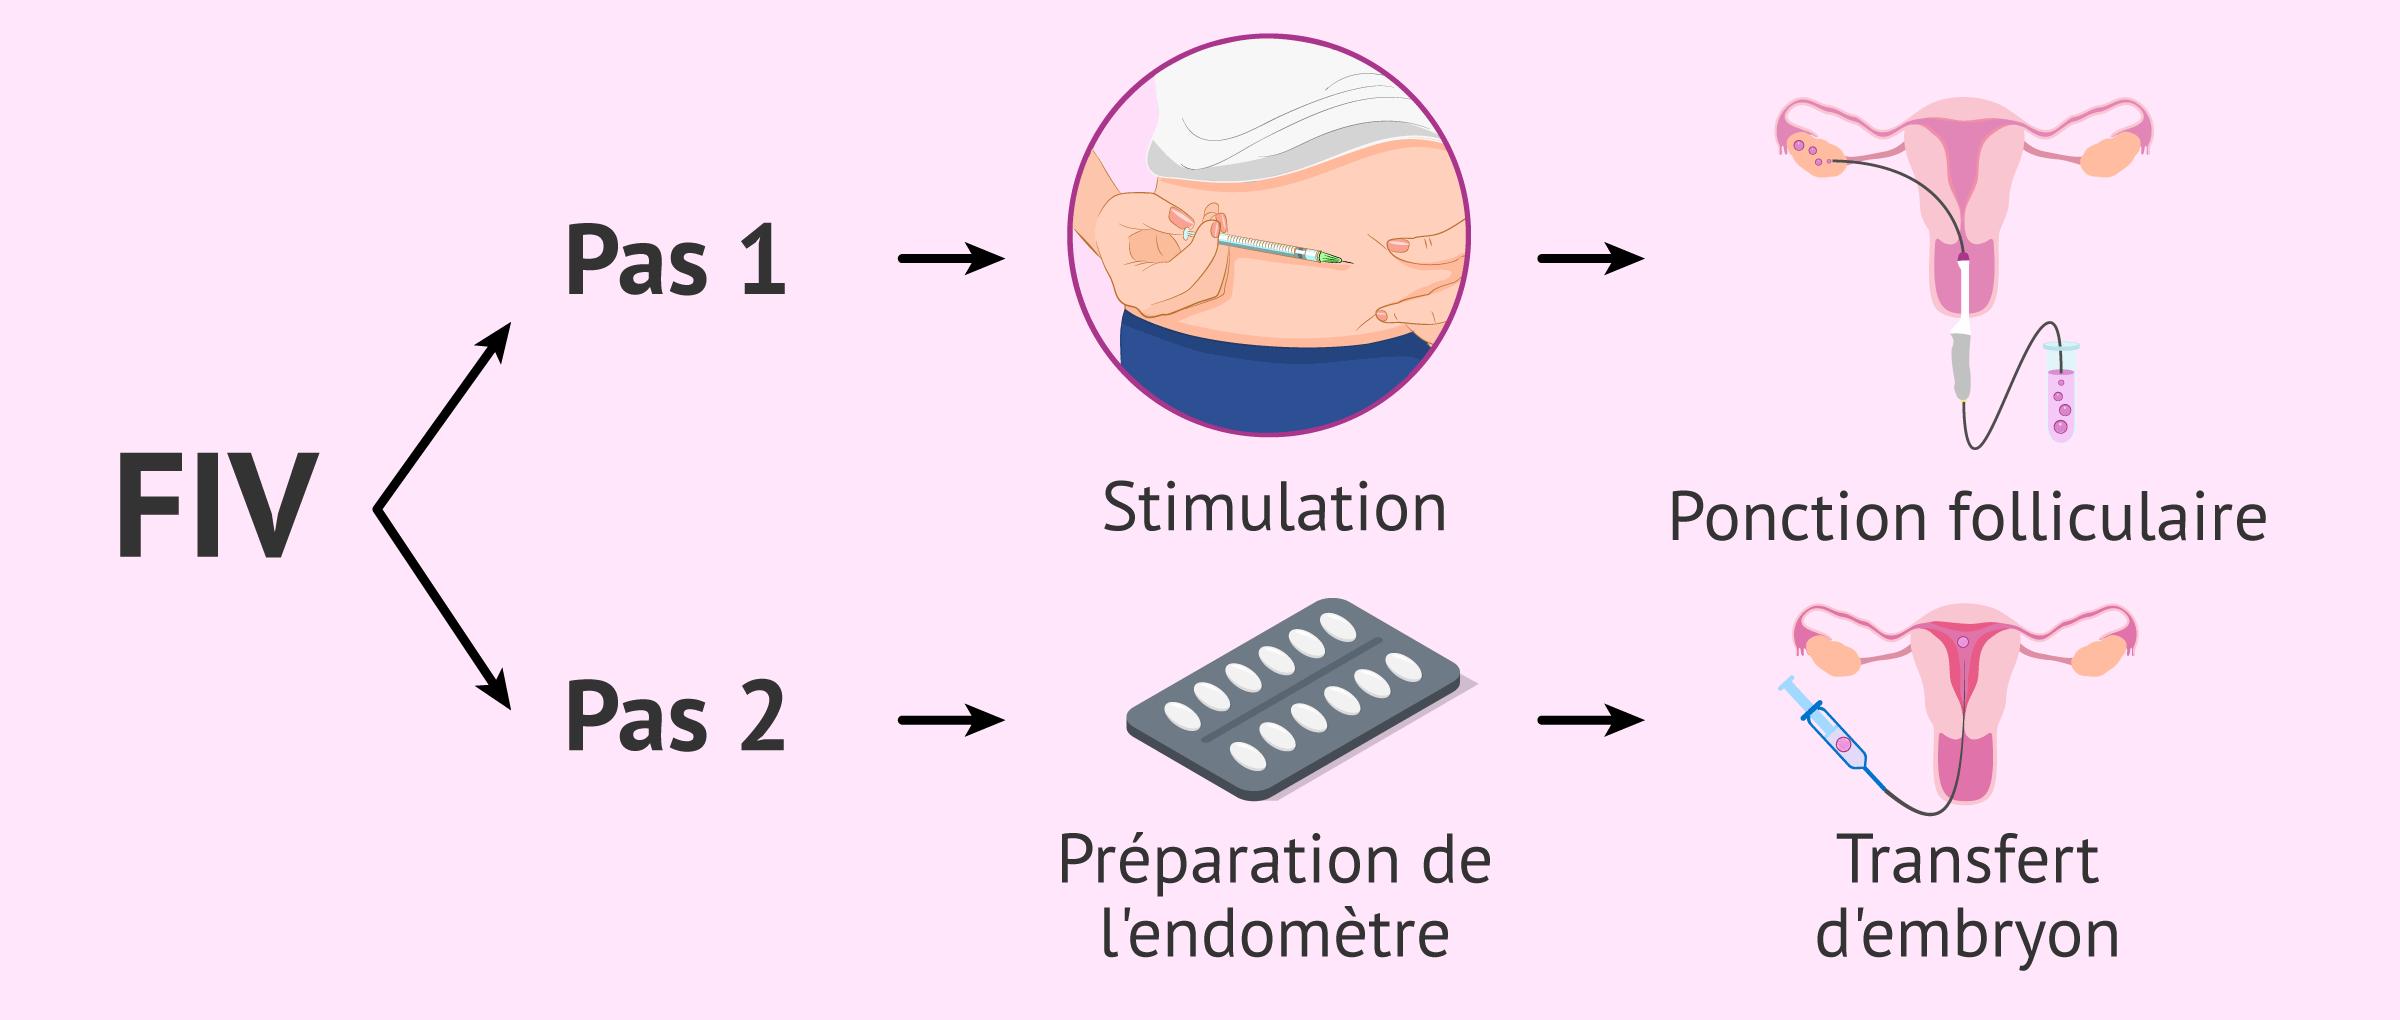 Imagen: Étapes de la procédure de FIV